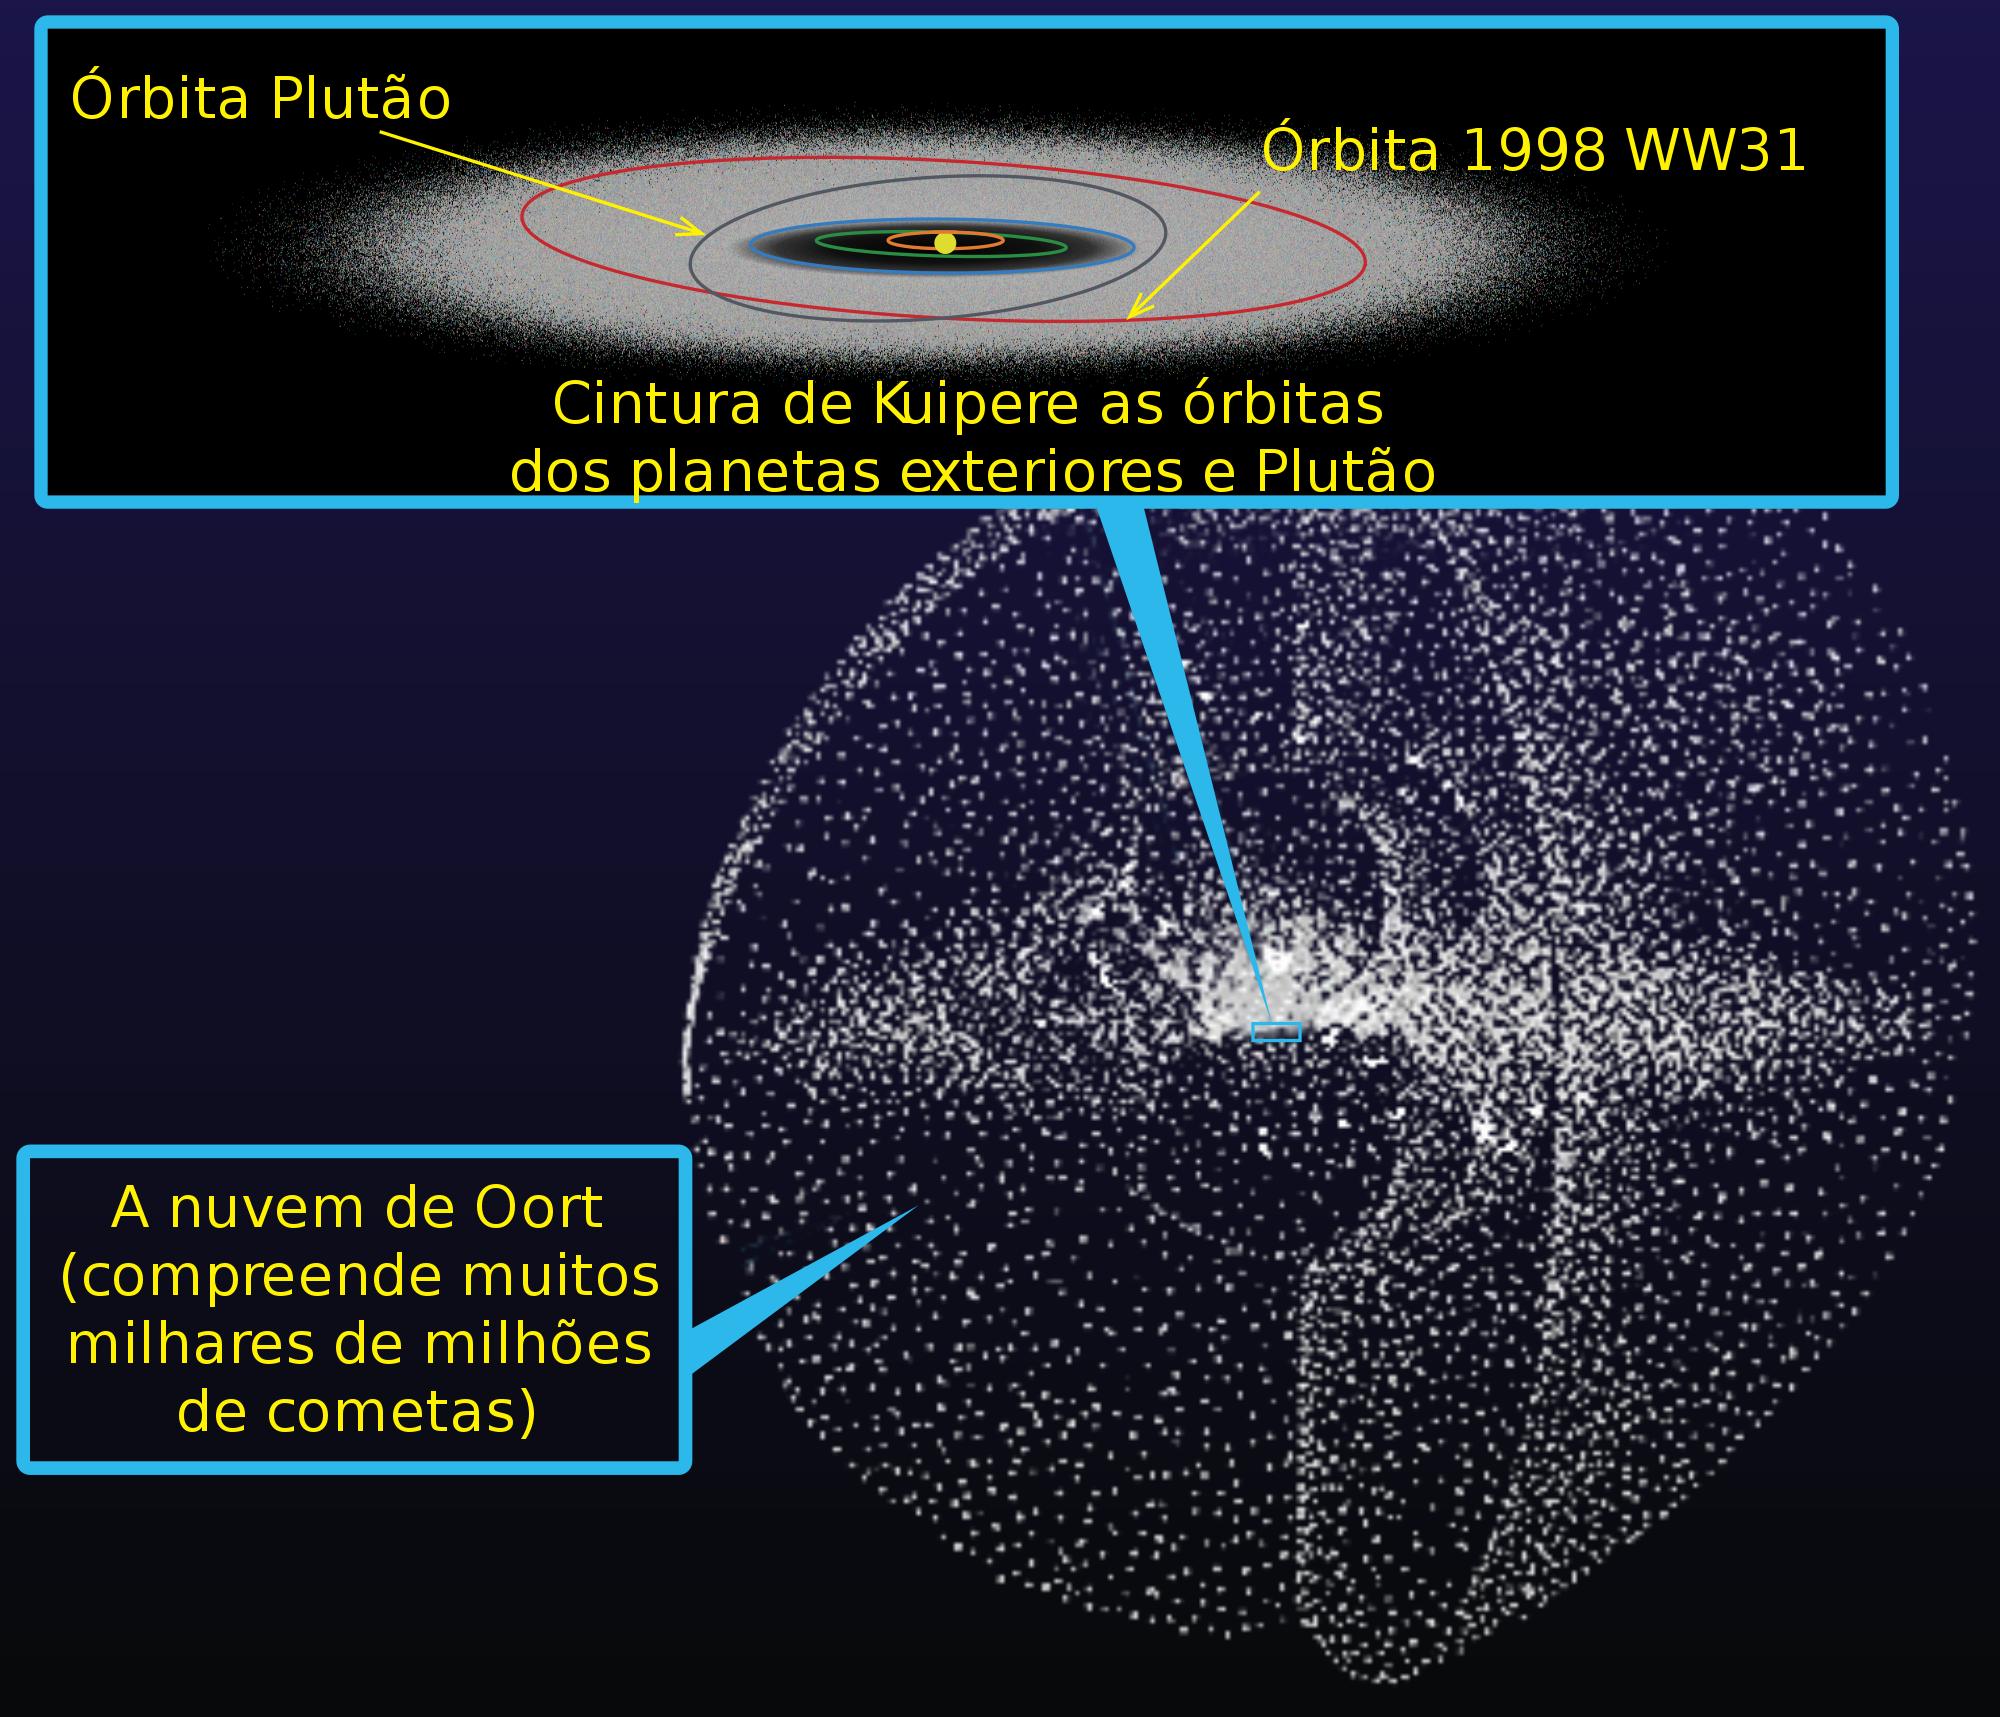 Nuvem de Oort